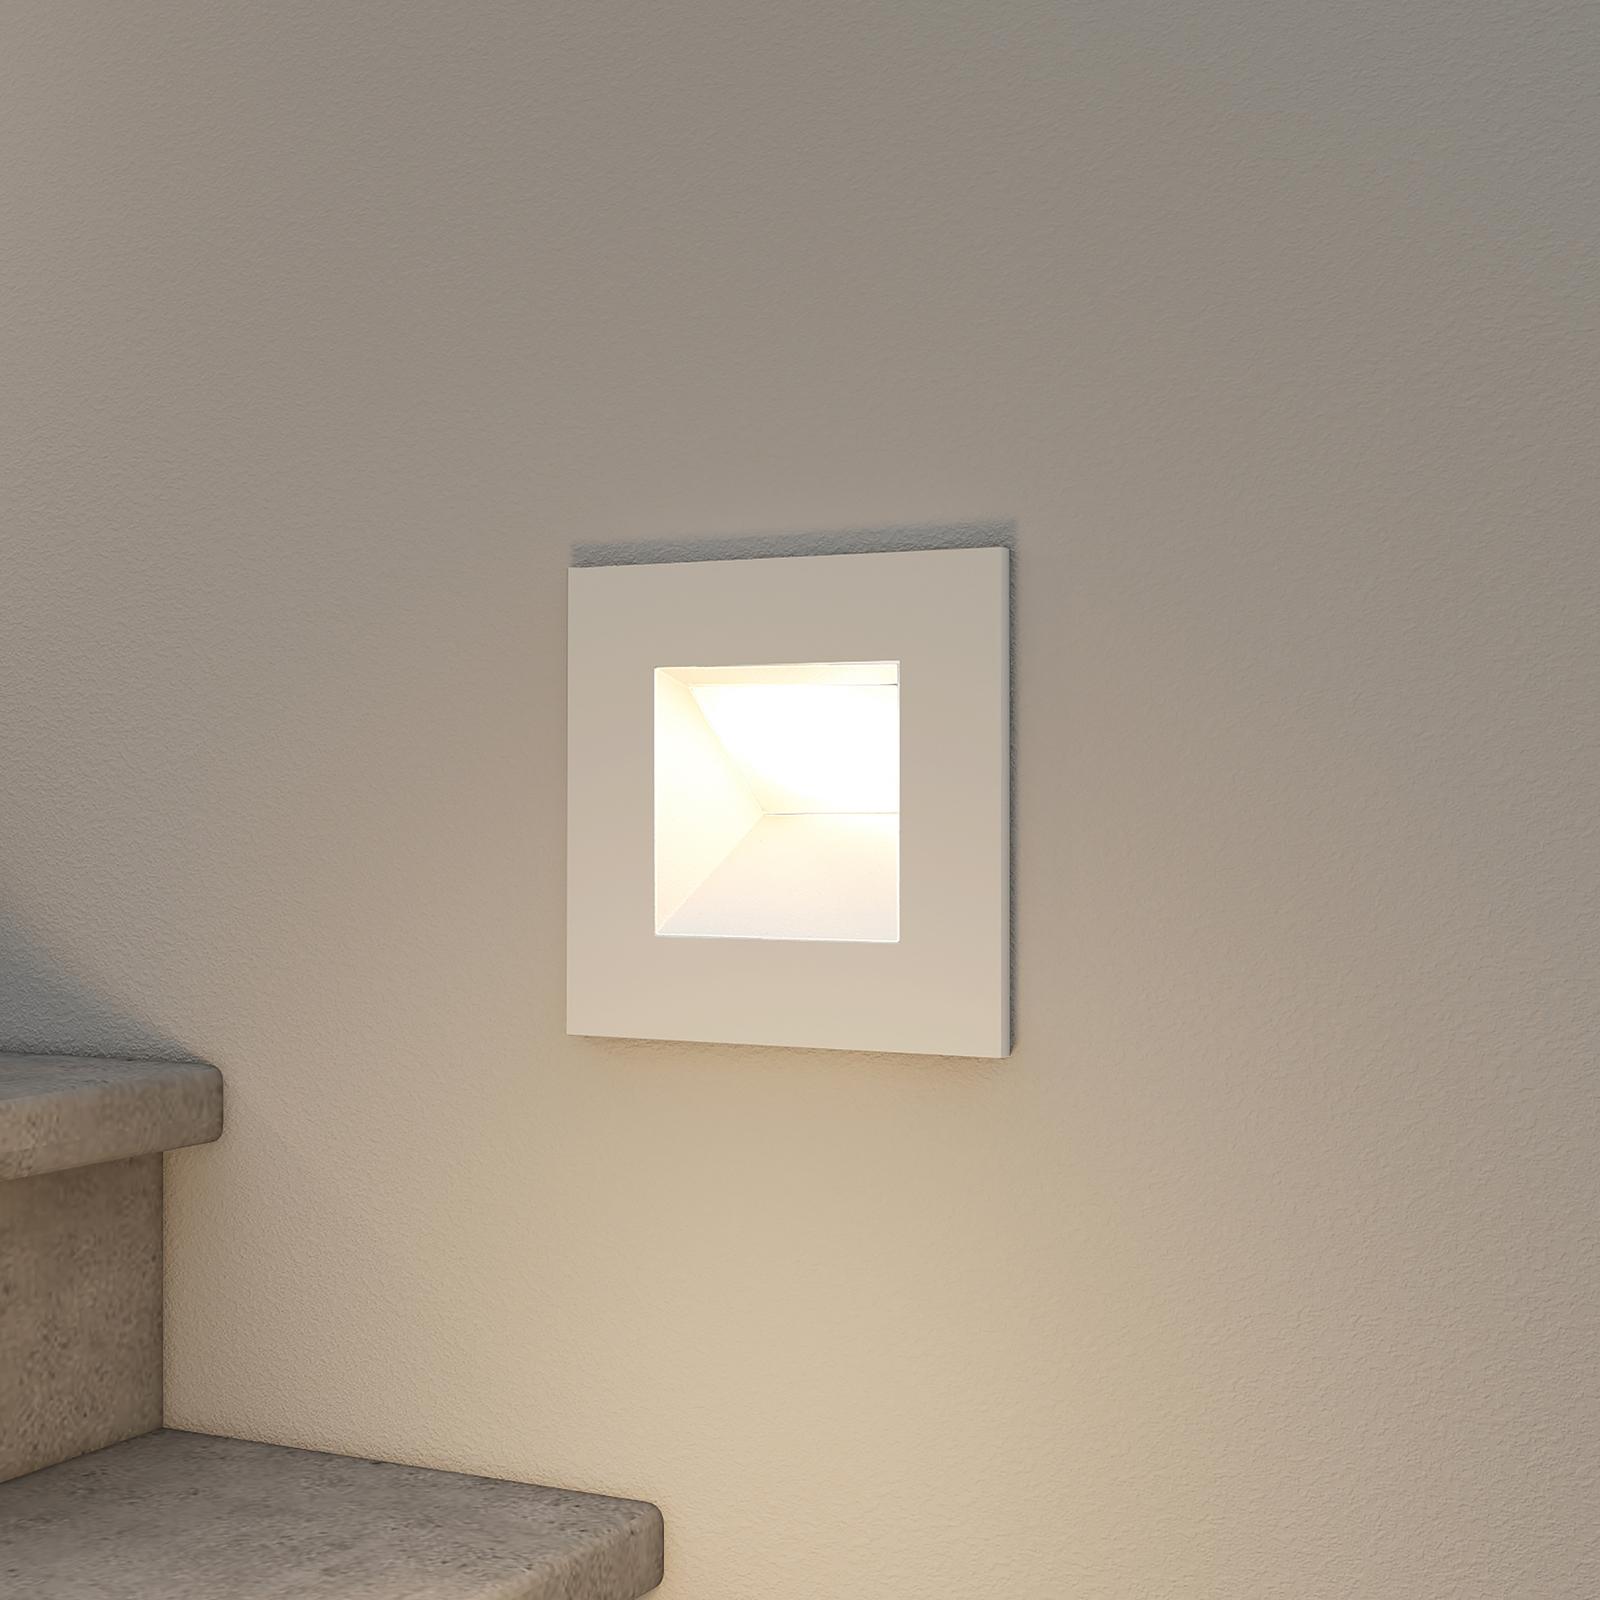 Arcchio Zamo lampe encastrable LED, blanche